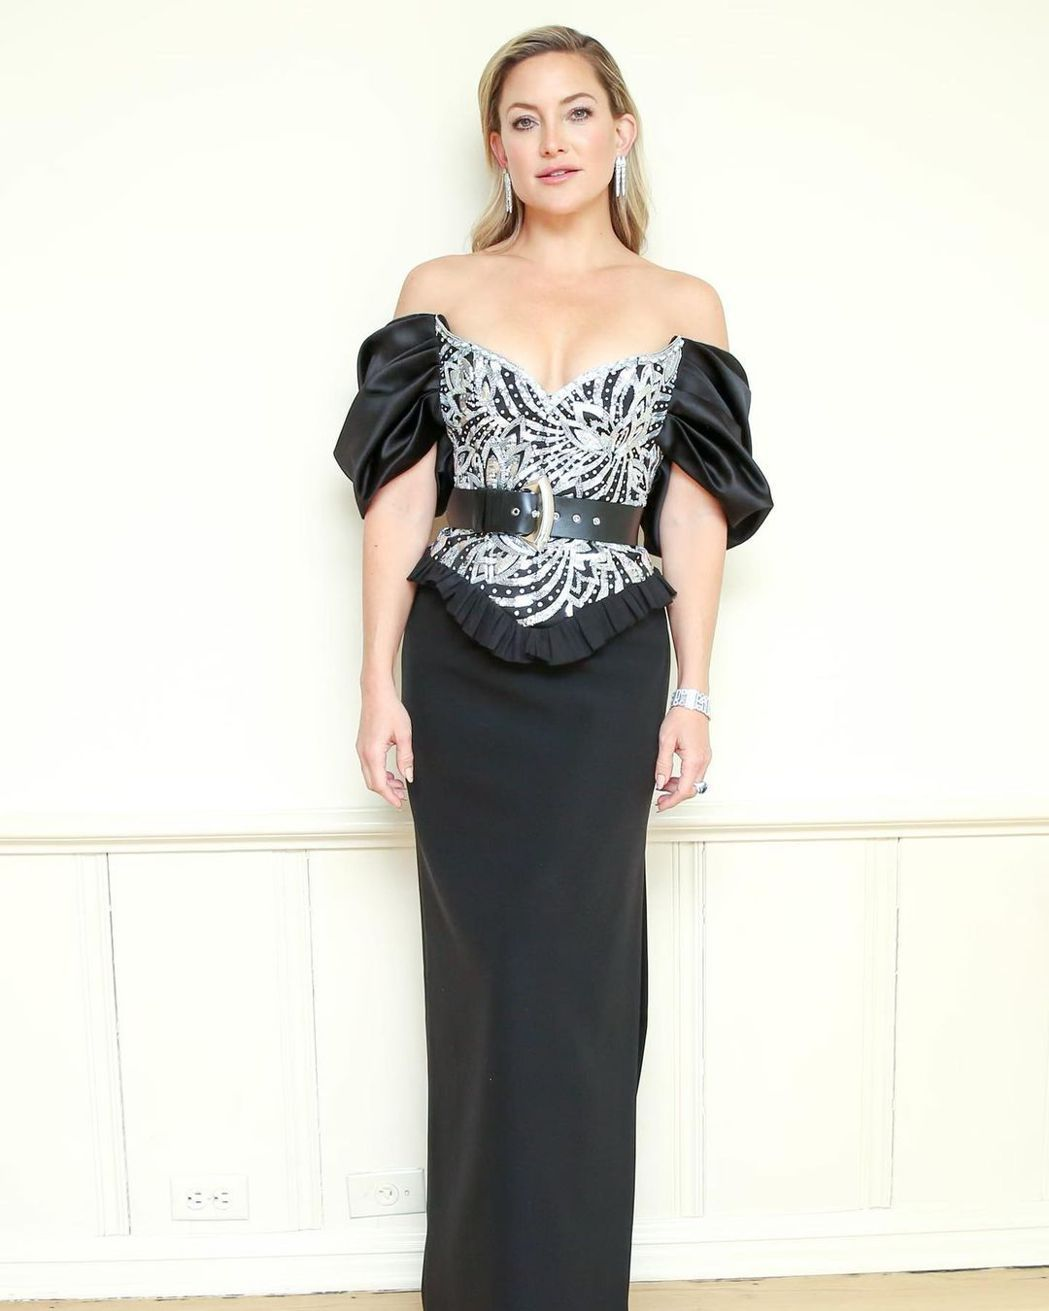 凱特哈德森穿Louis Vuitton禮服。圖/摘自IG